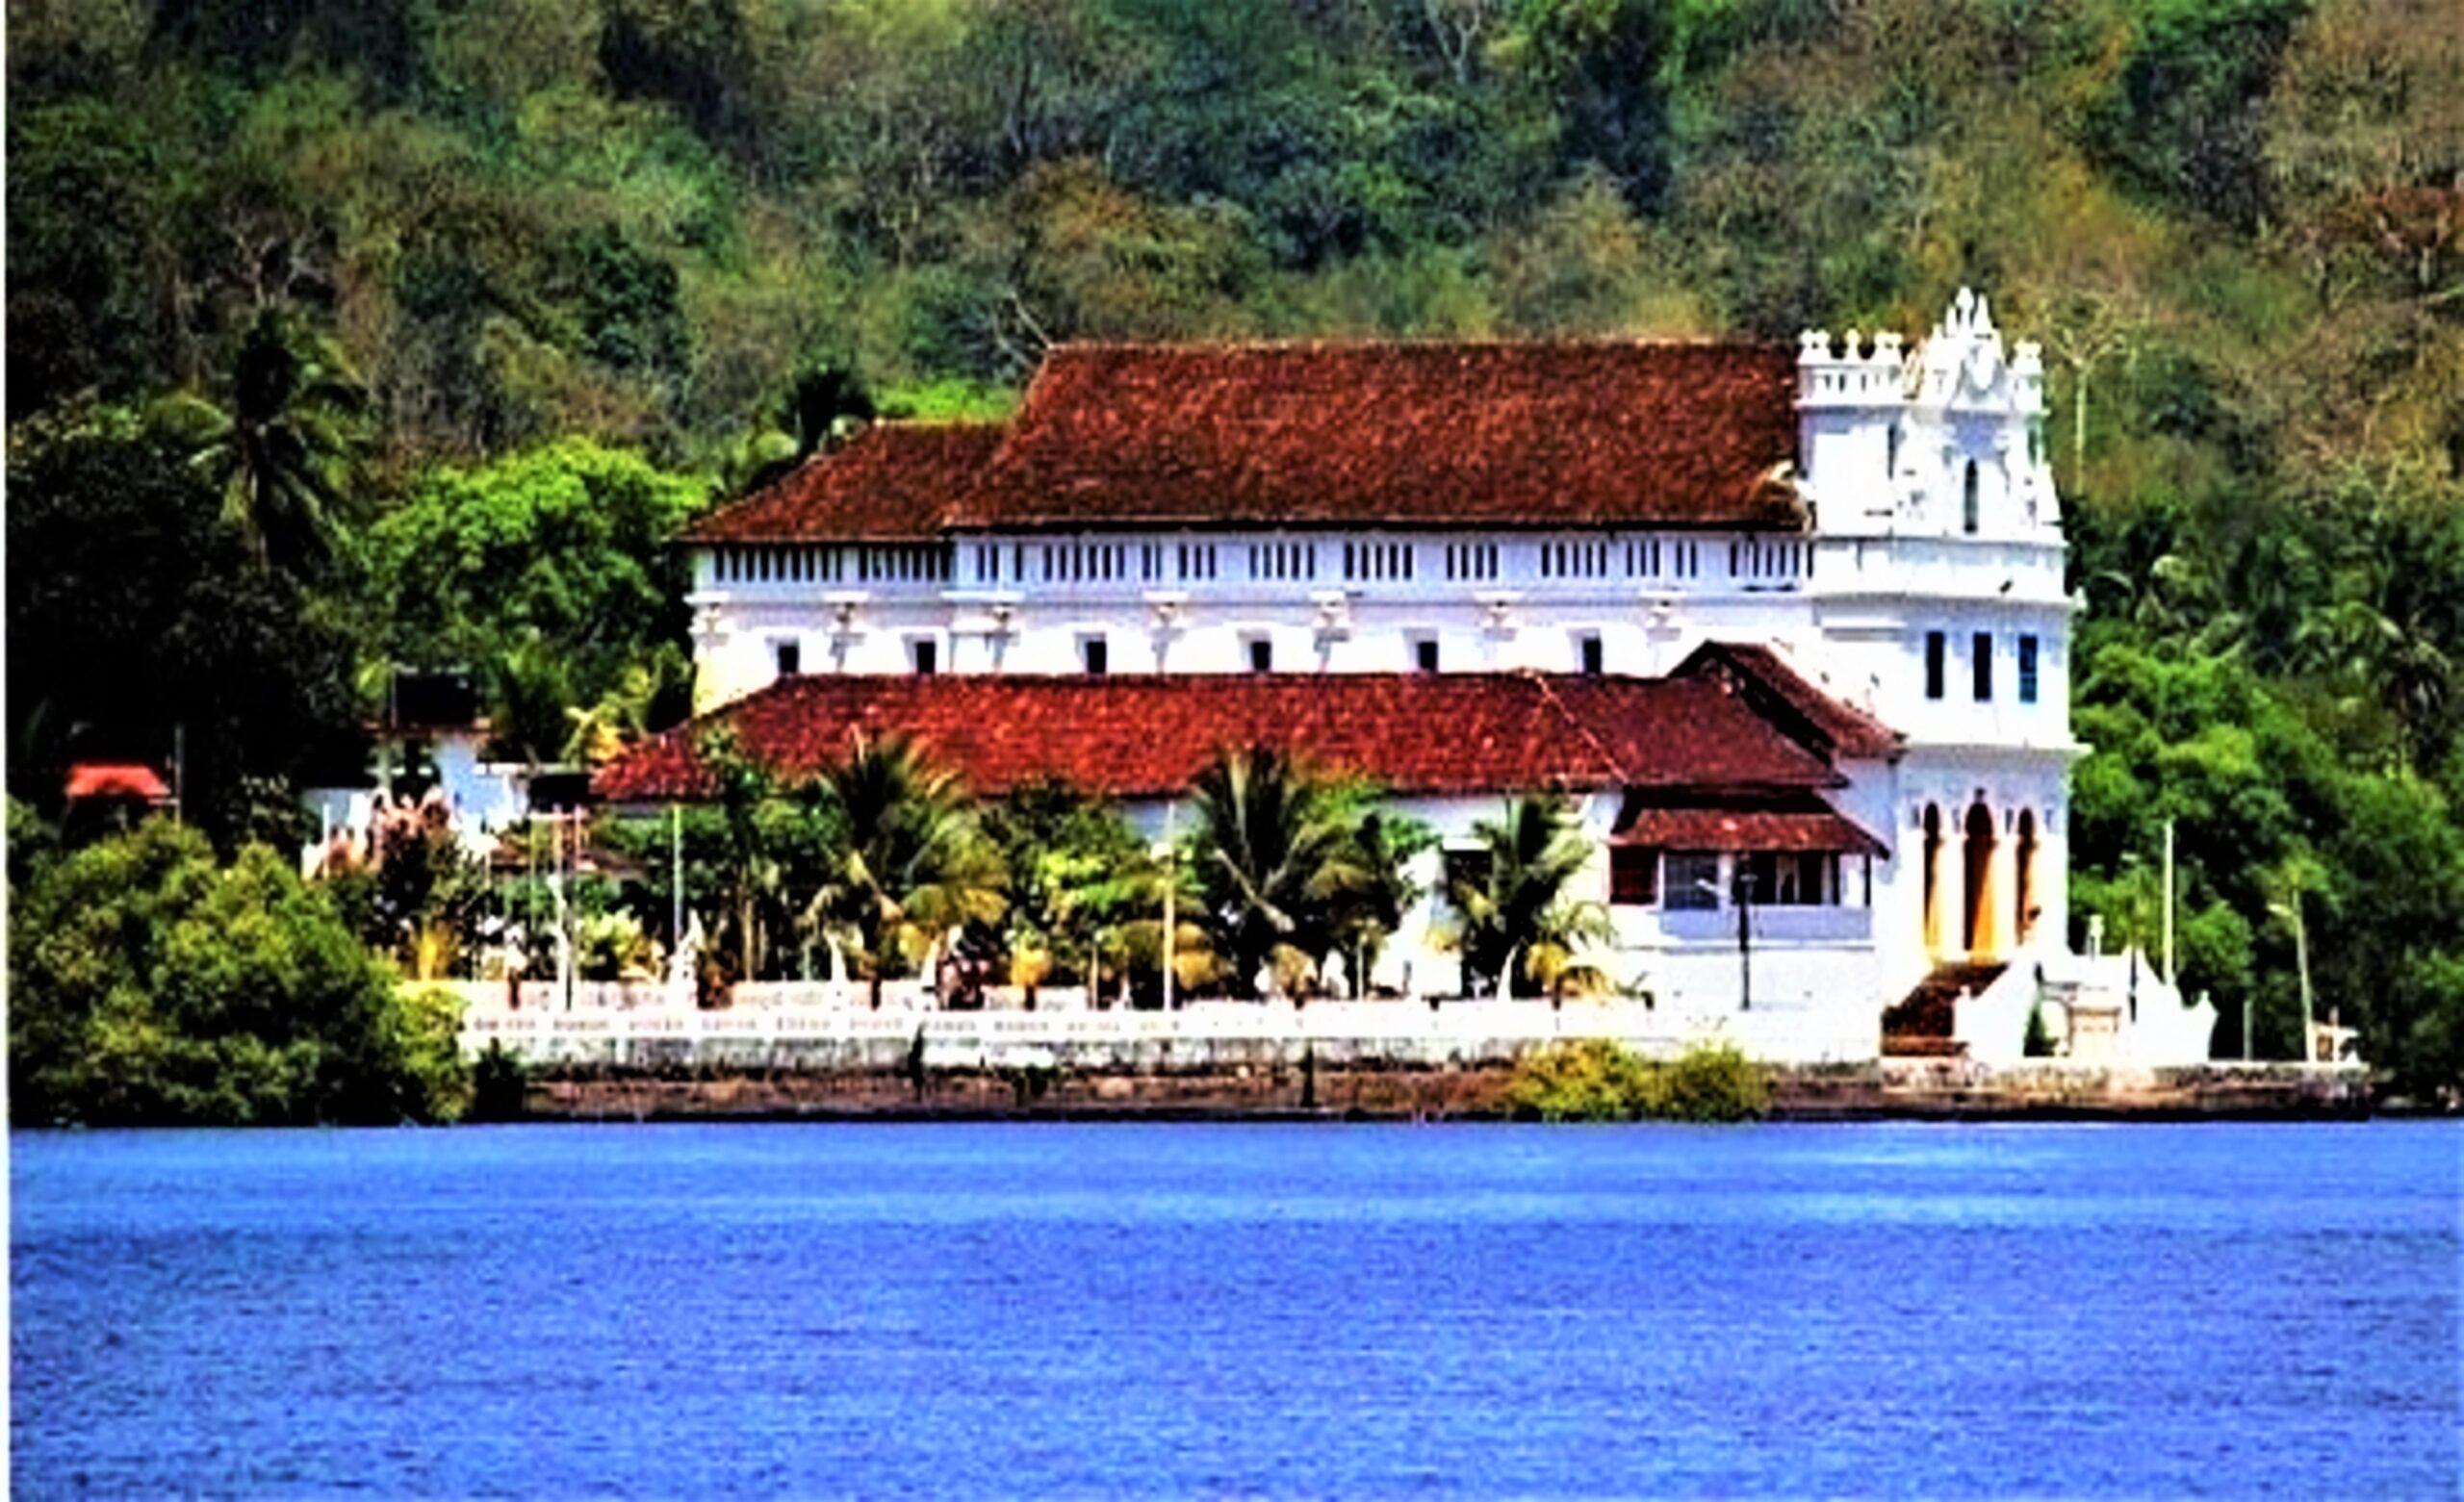 Church of Our Lady of Penha de Franca   PC - goaweddingvenues.com